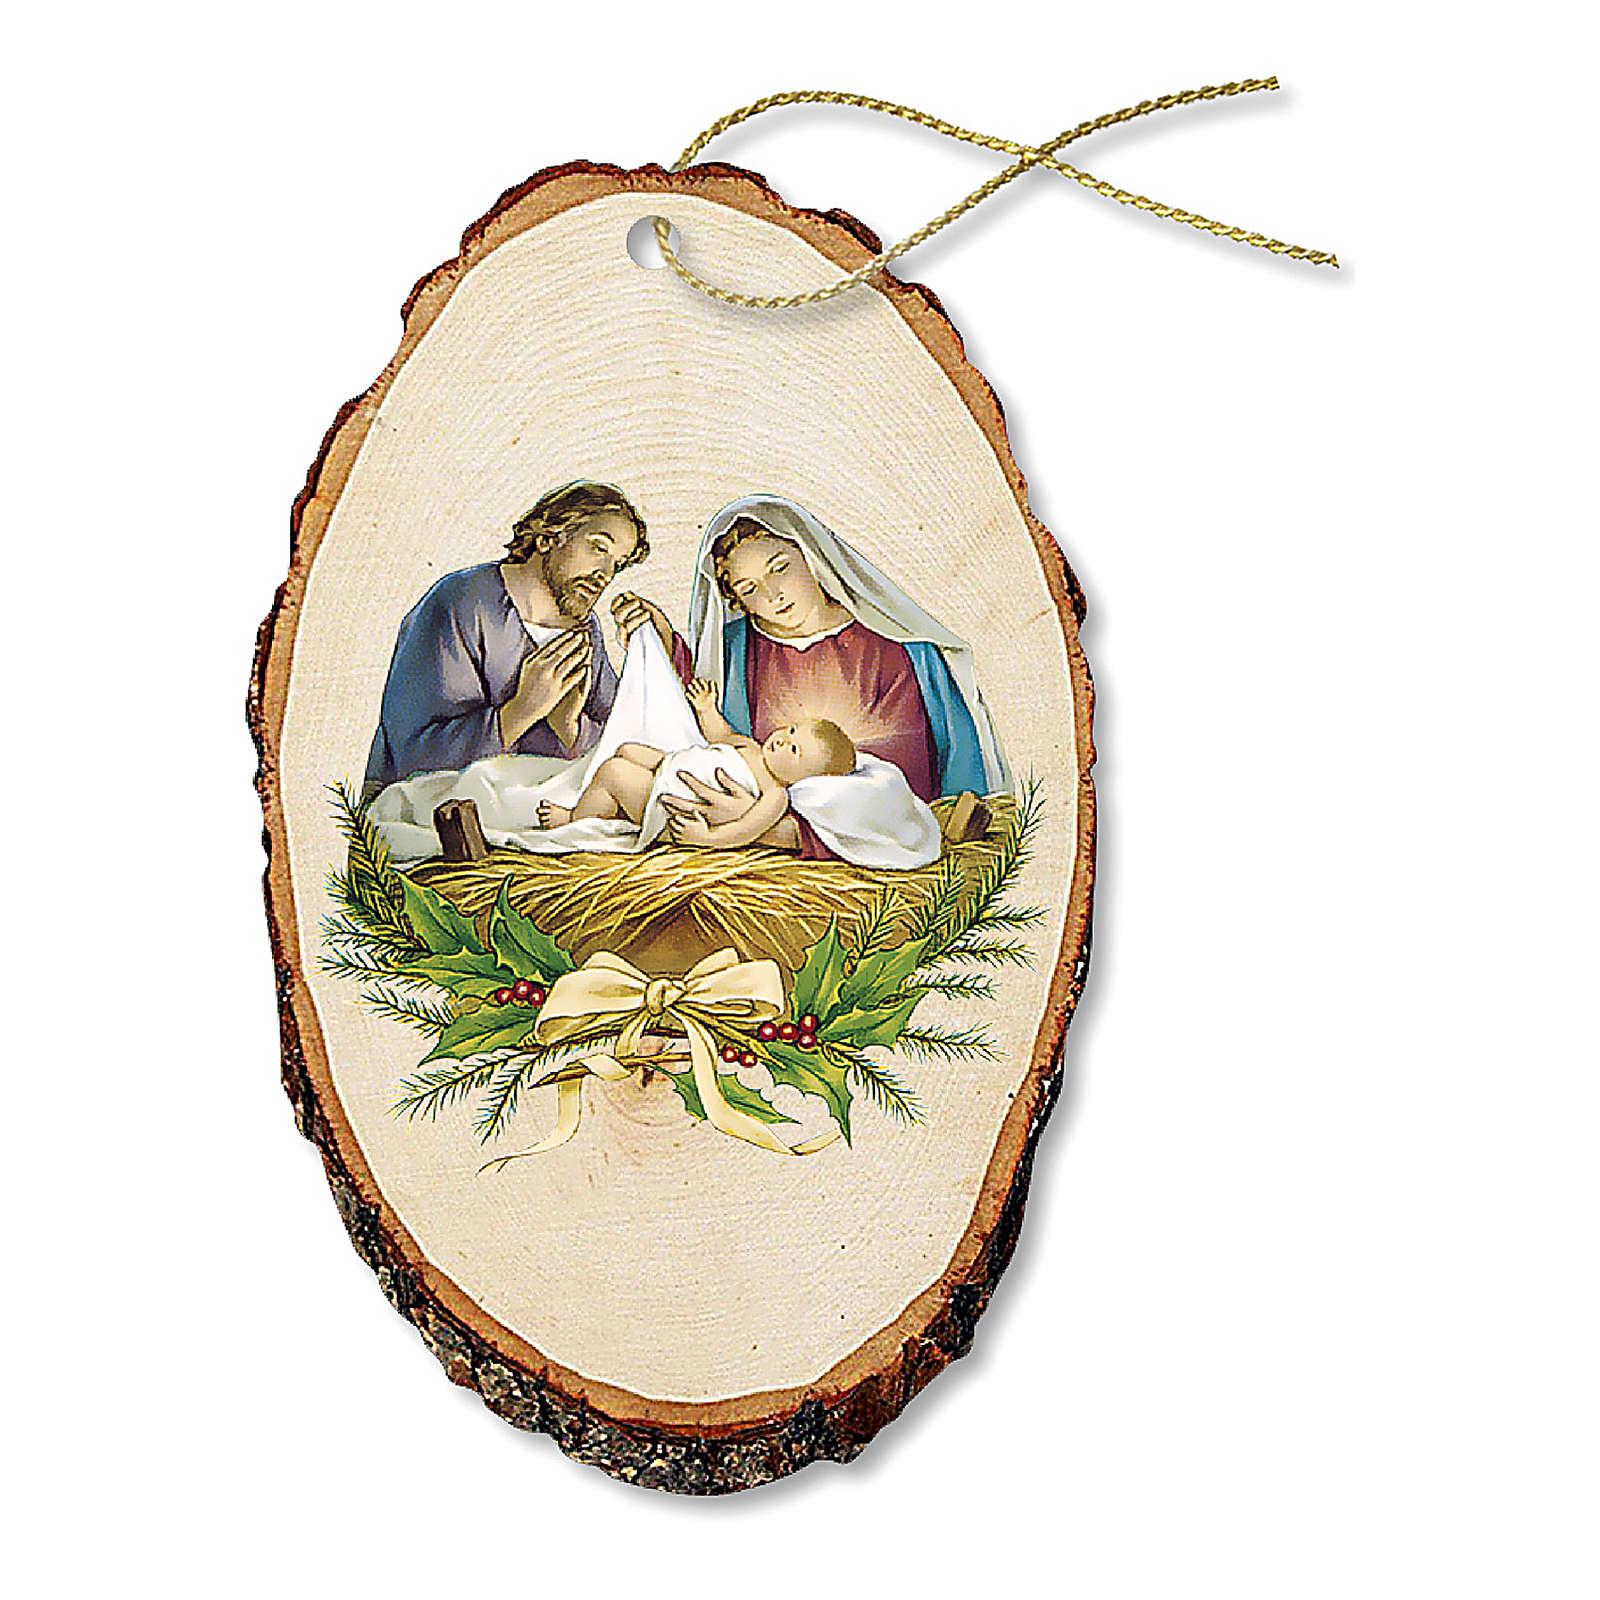 Décoration de Noël bois façonné Crèche Nativité 4